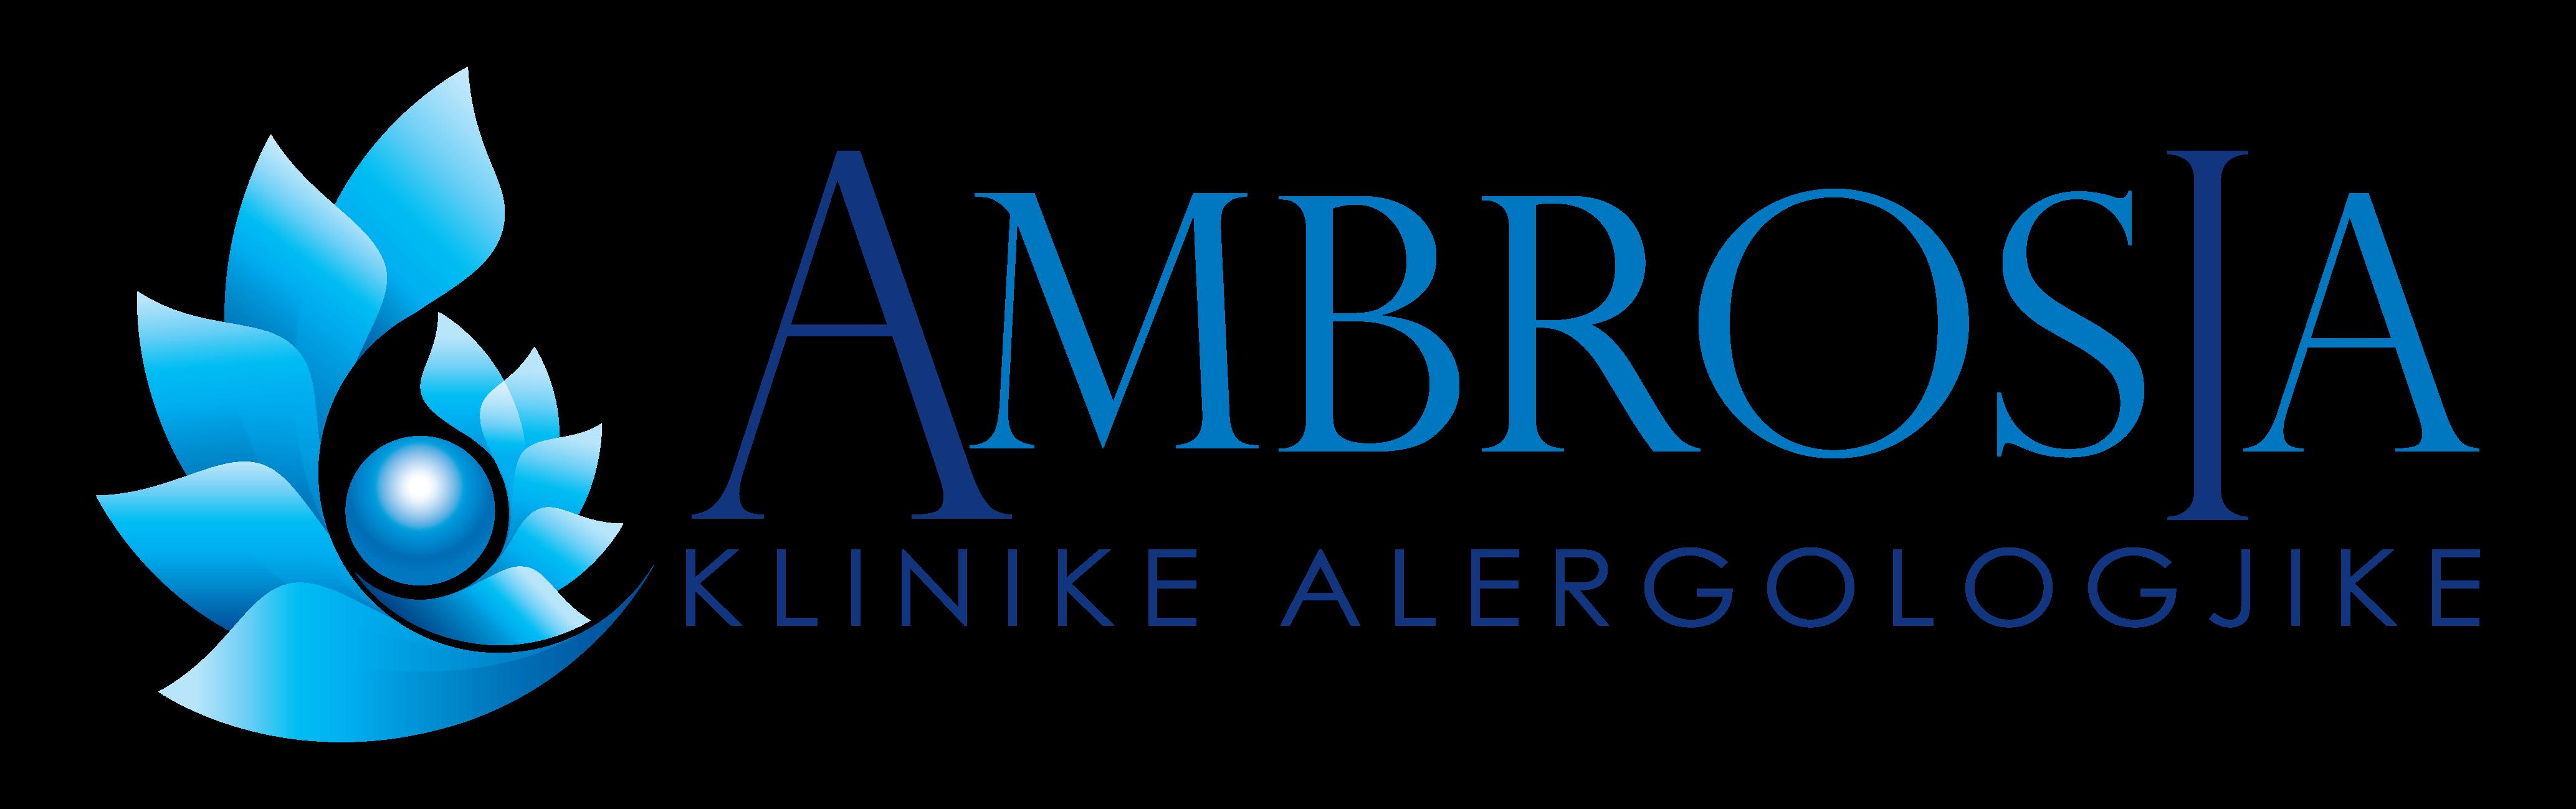 Klinika Ambrosia